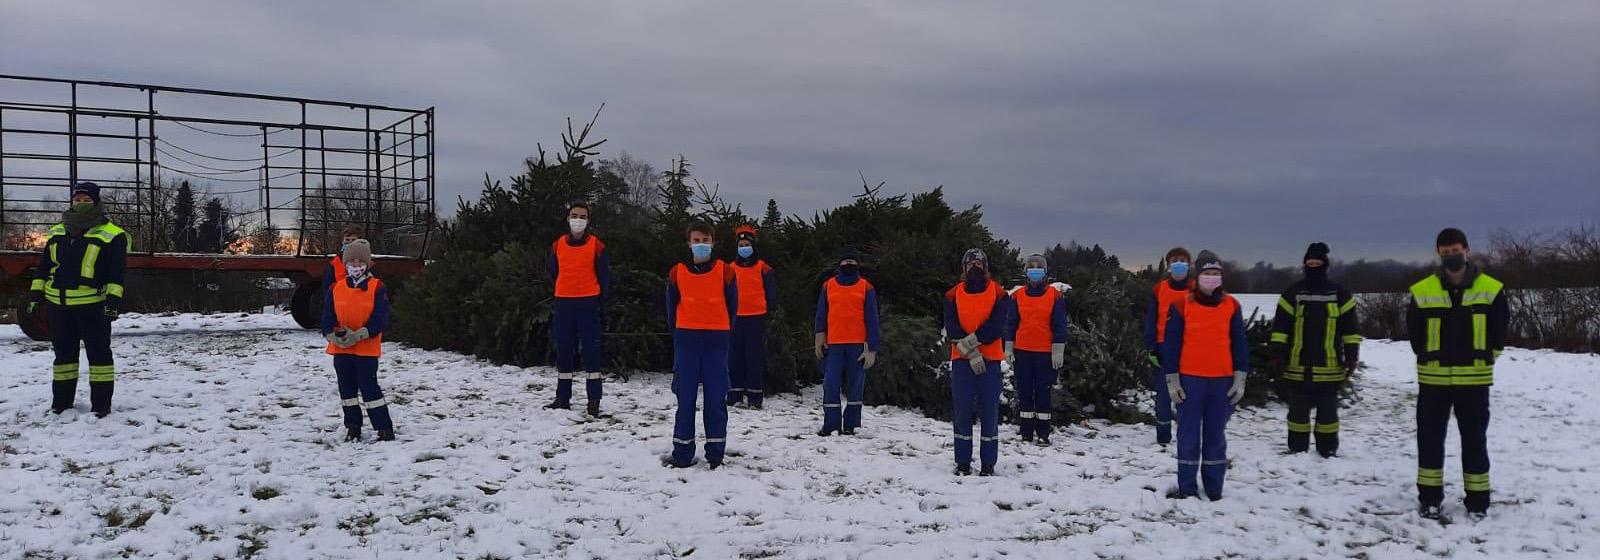 Foto der Jugendfeuerwehr Nieder-Bessingen